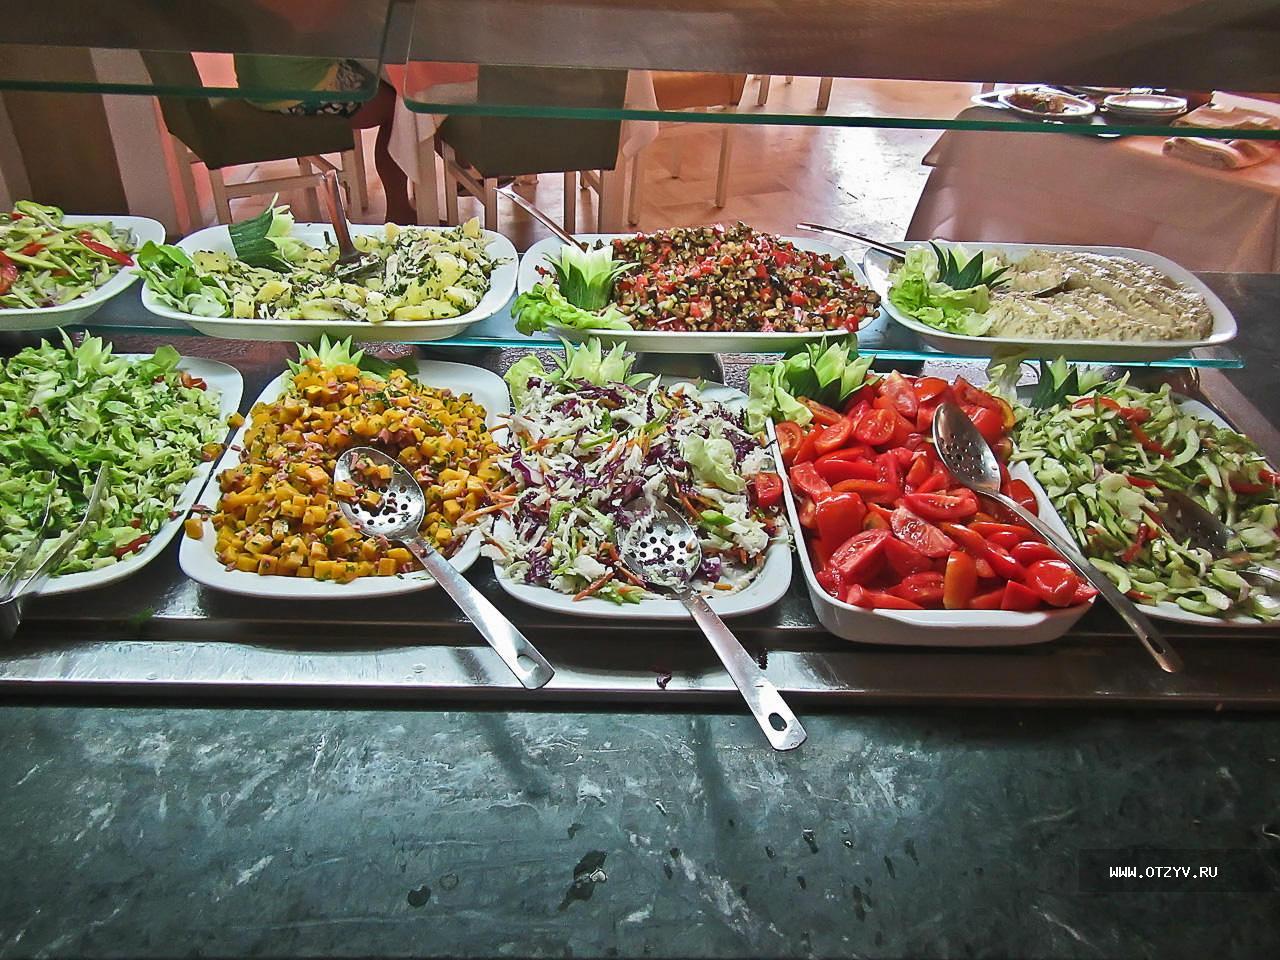 поединка тунис питание в отелях фото сельского хозяйства